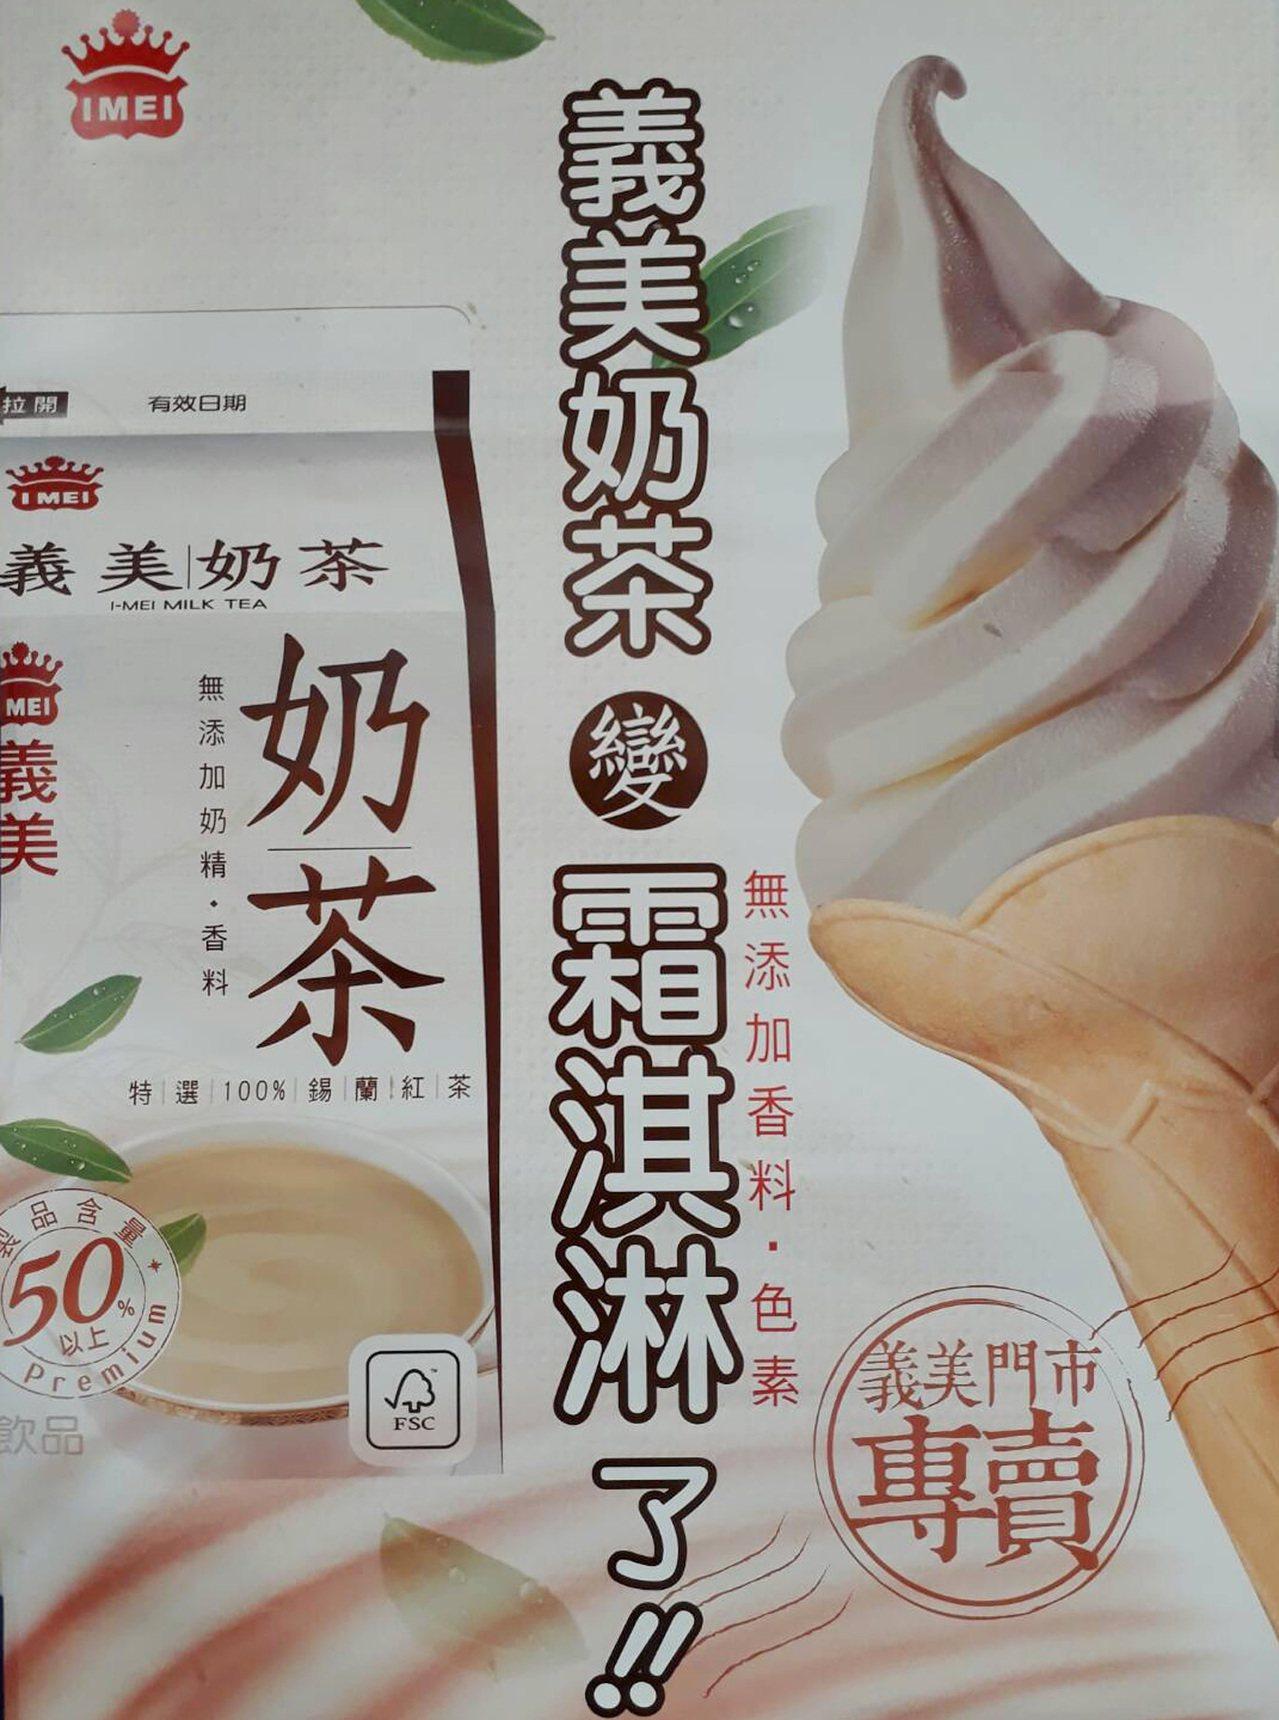 義美食品新推出義美奶茶霜淇淋,提供買不到COSTCO義美厚奶茶的民眾,另一種選擇...